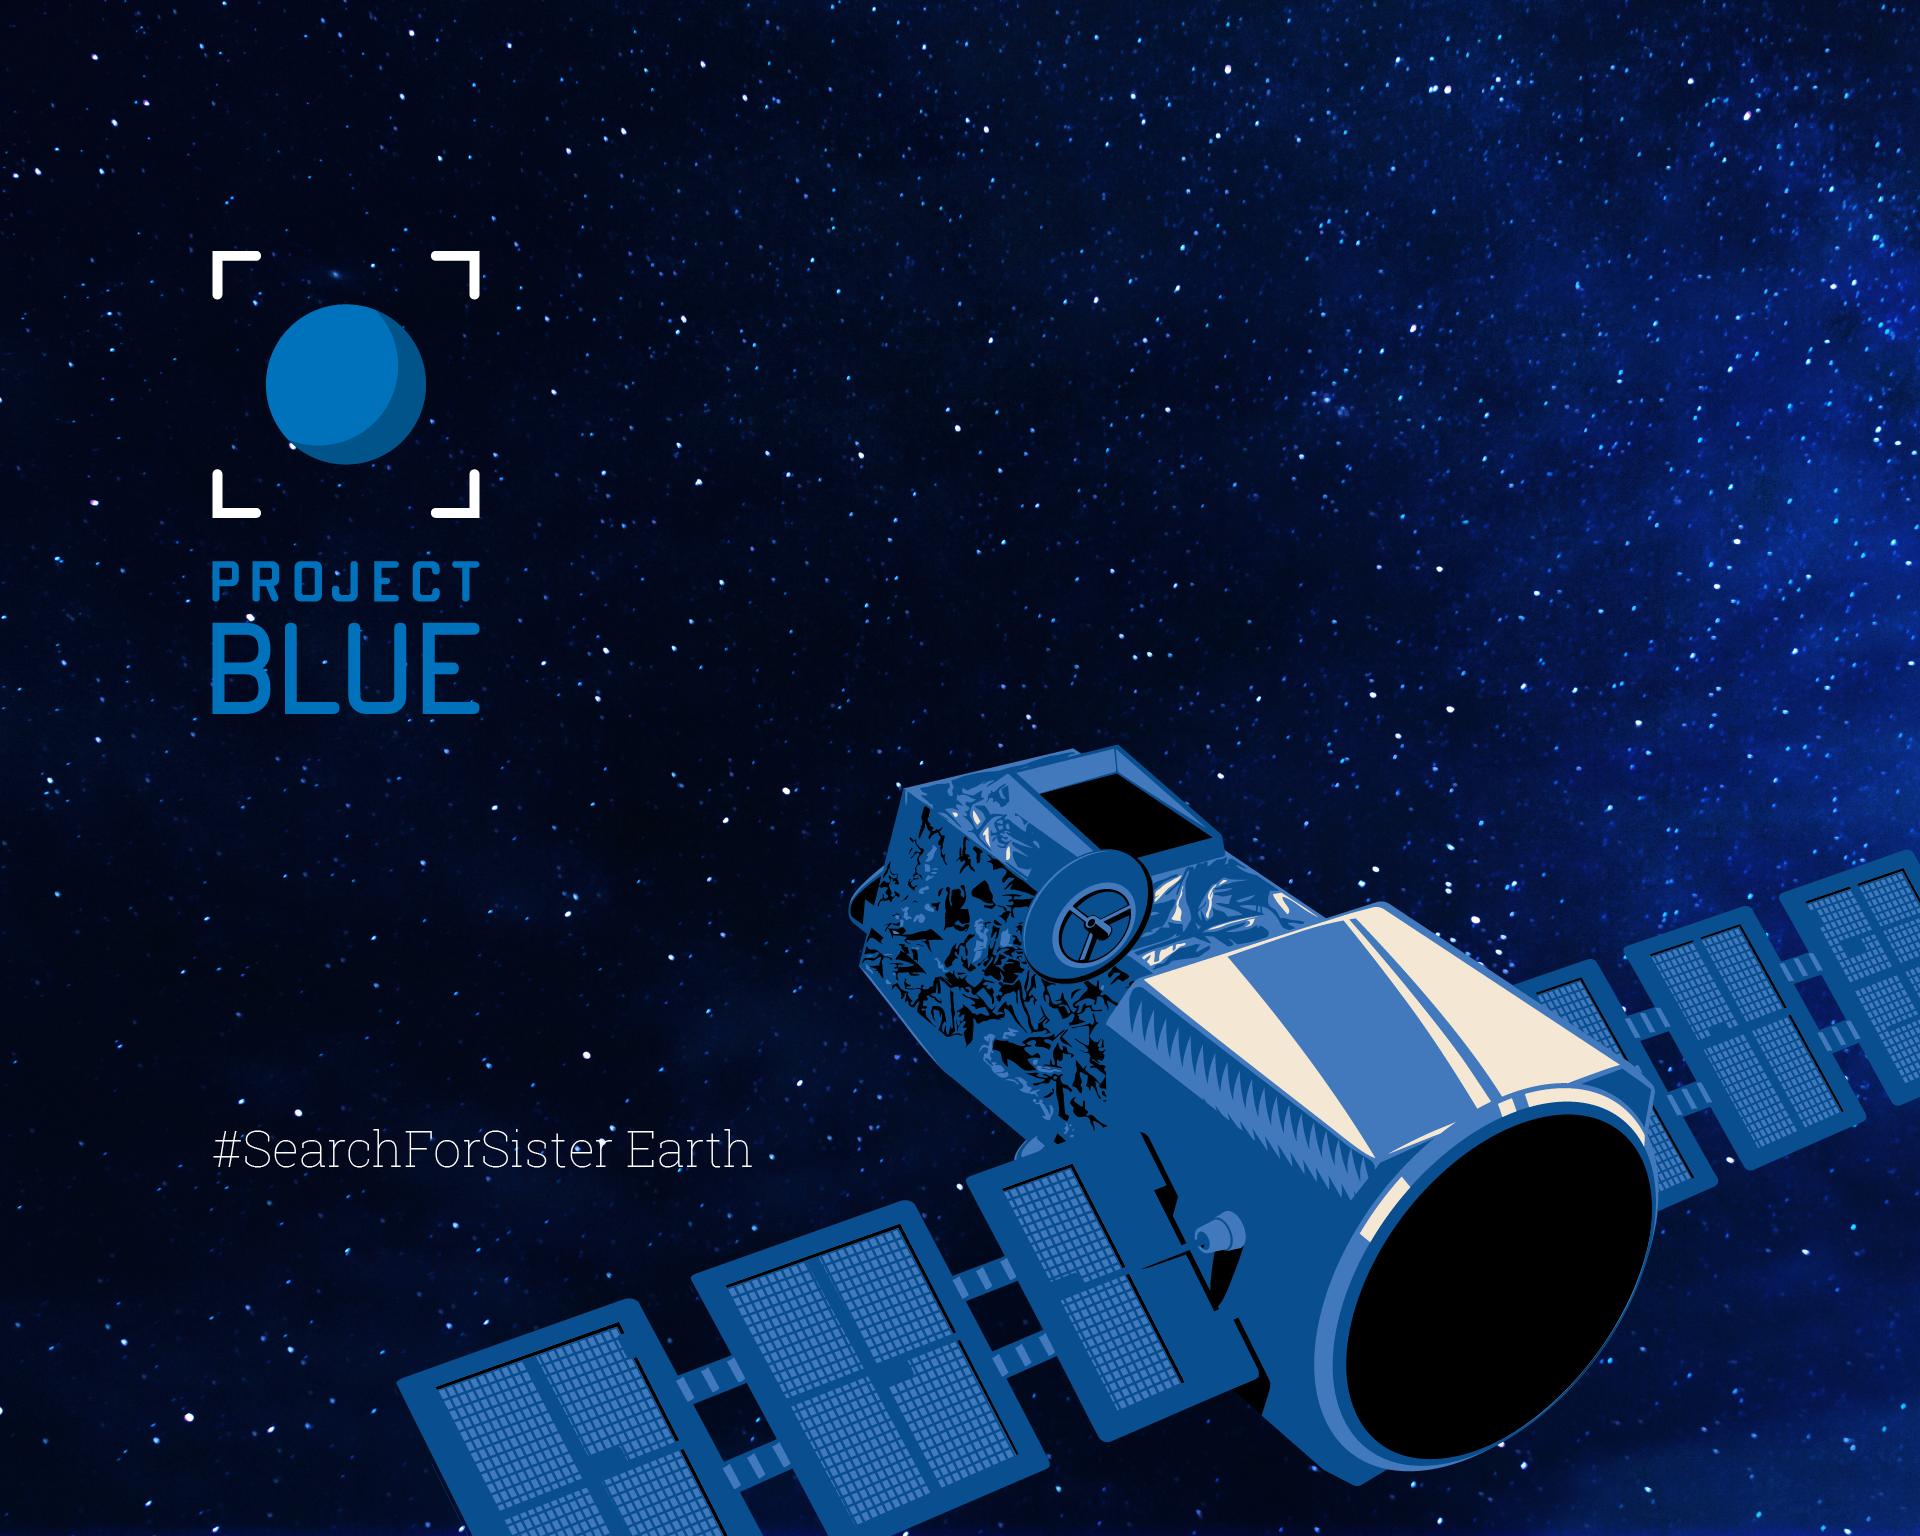 Project Blue Fullscreen Wallpaper